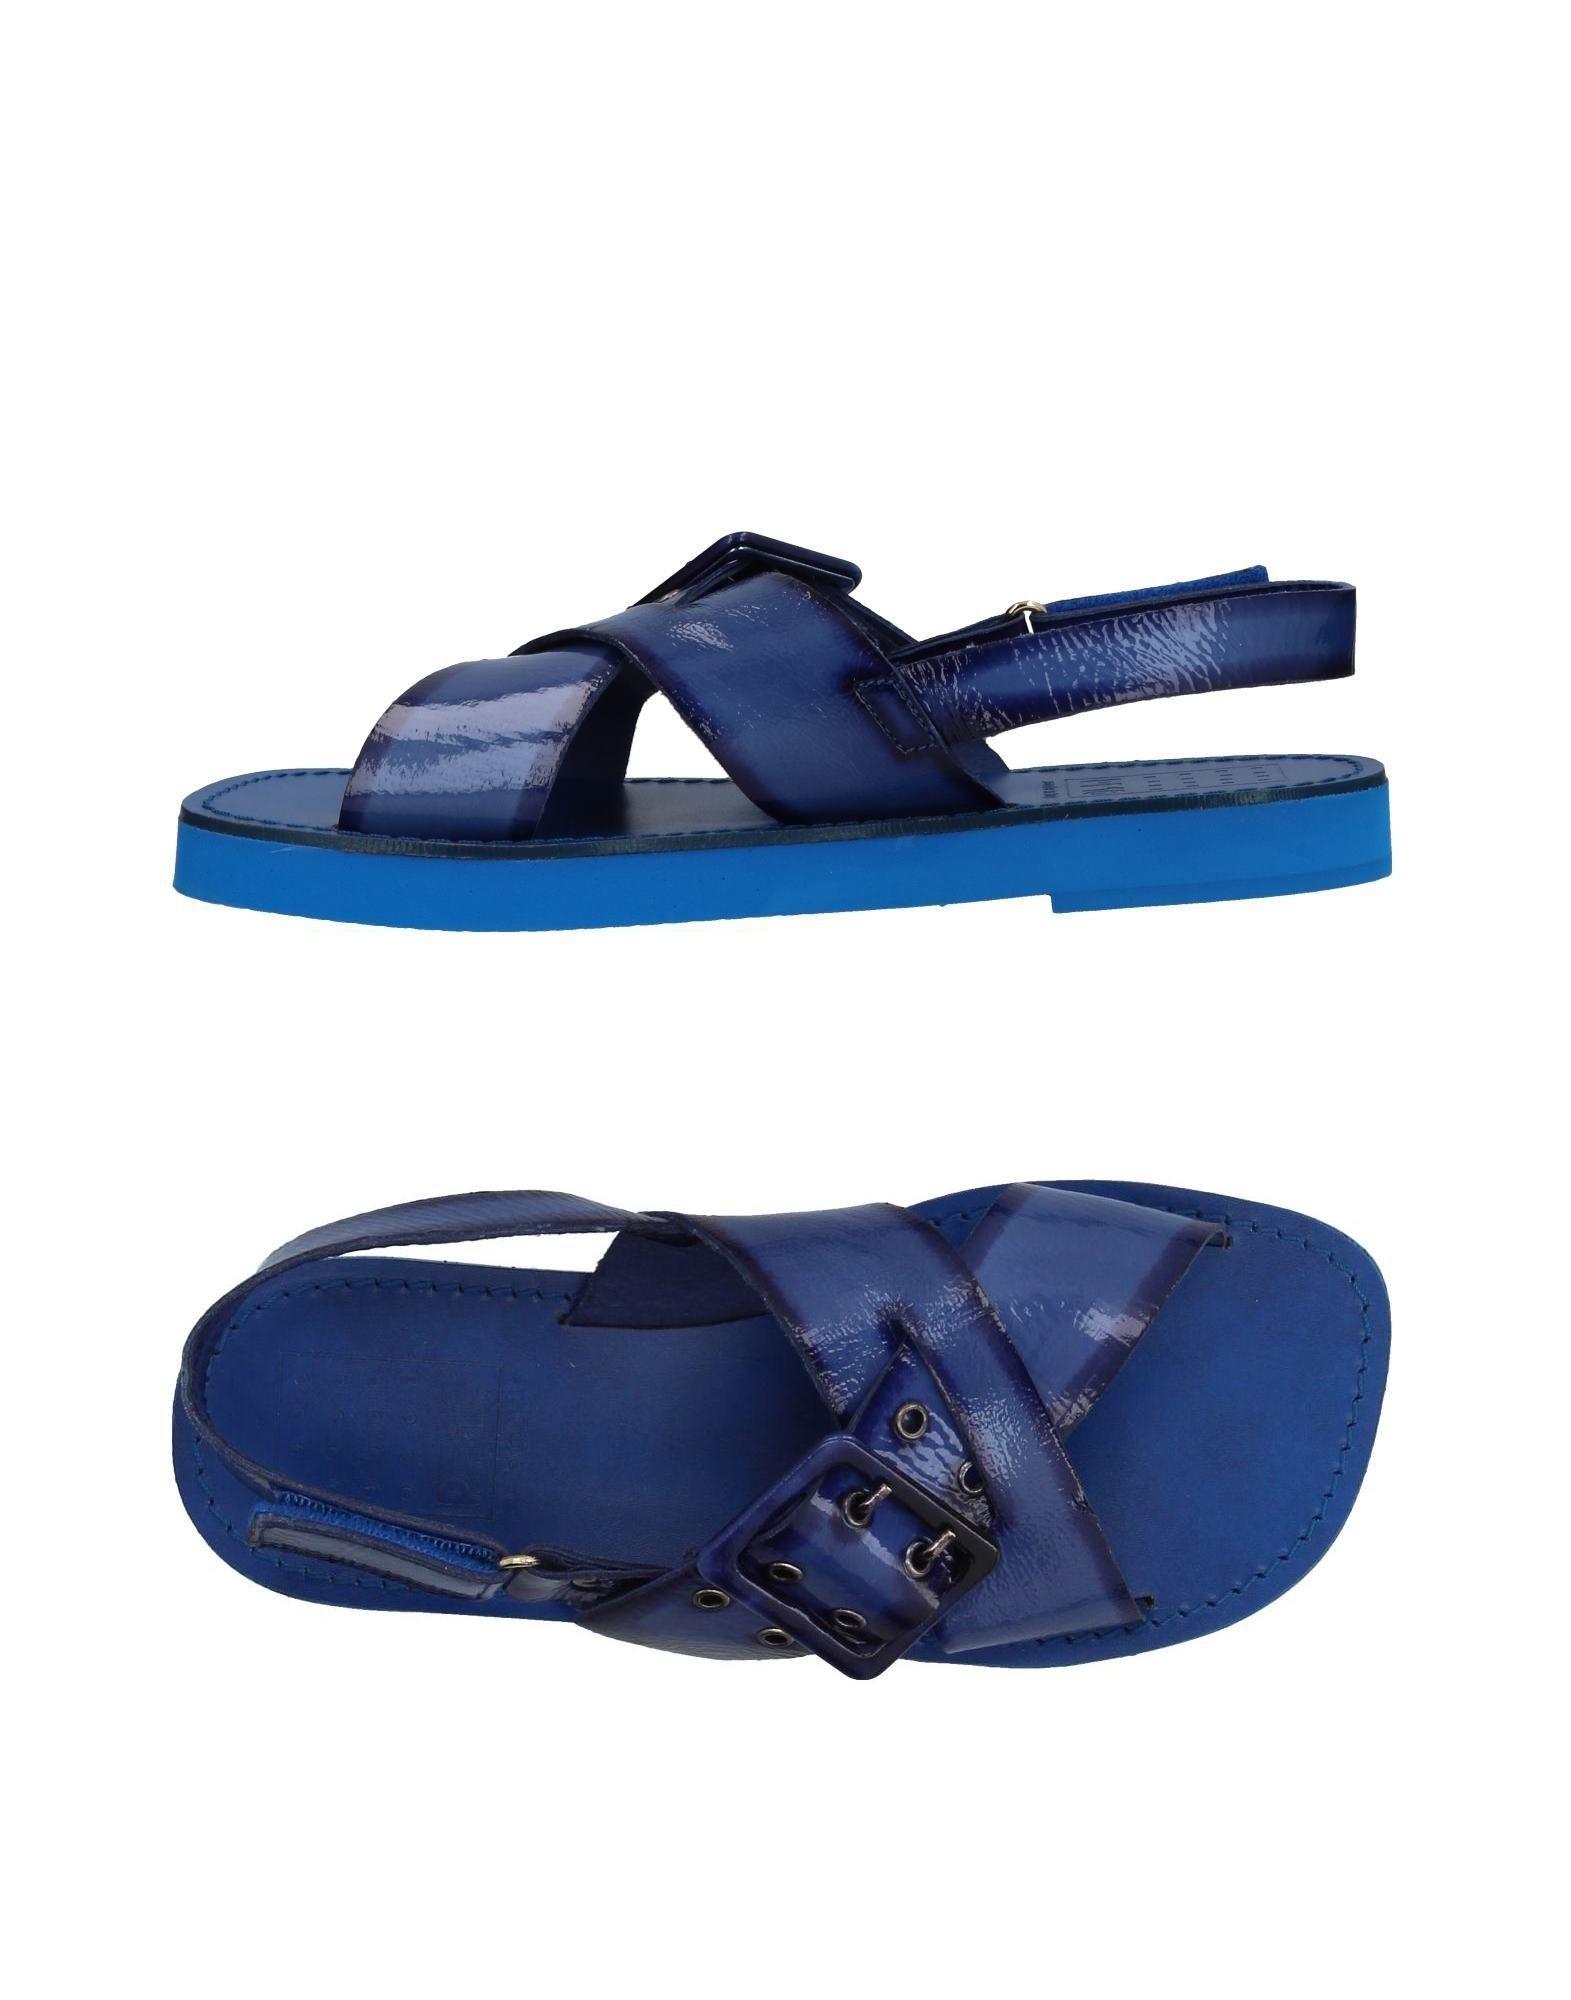 Pf16 Sandalen Damen  11384172KE Gute Qualität beliebte Schuhe